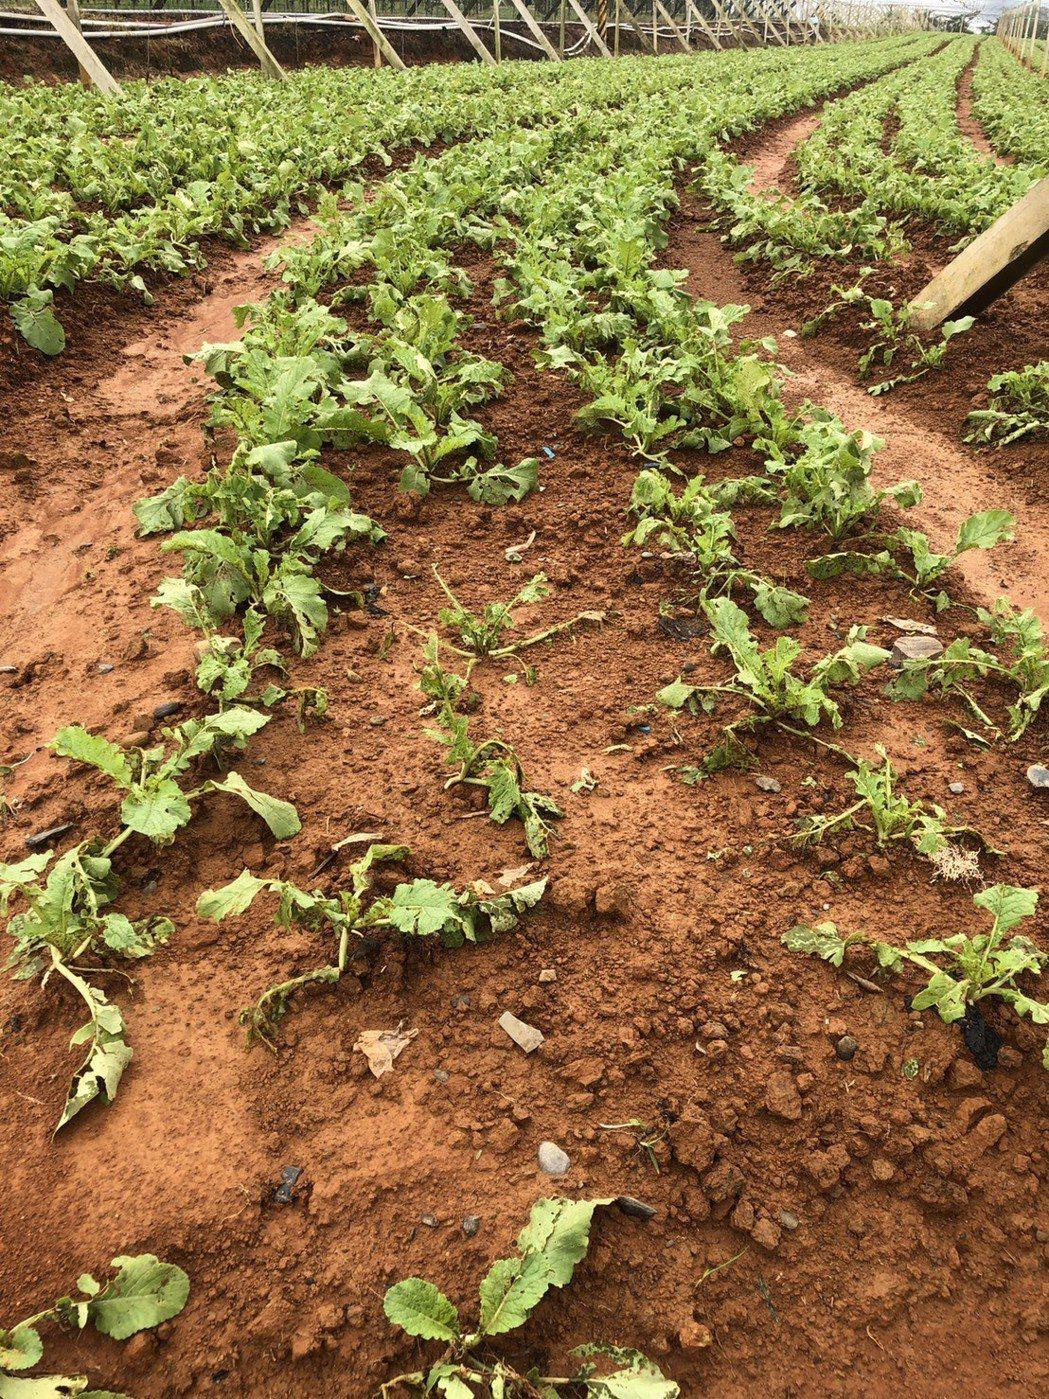 南投縣埔里蘿蔔不是被雨沖到露出地表,就是葉片破損,恐影響作物行光合作用及養分吸收...